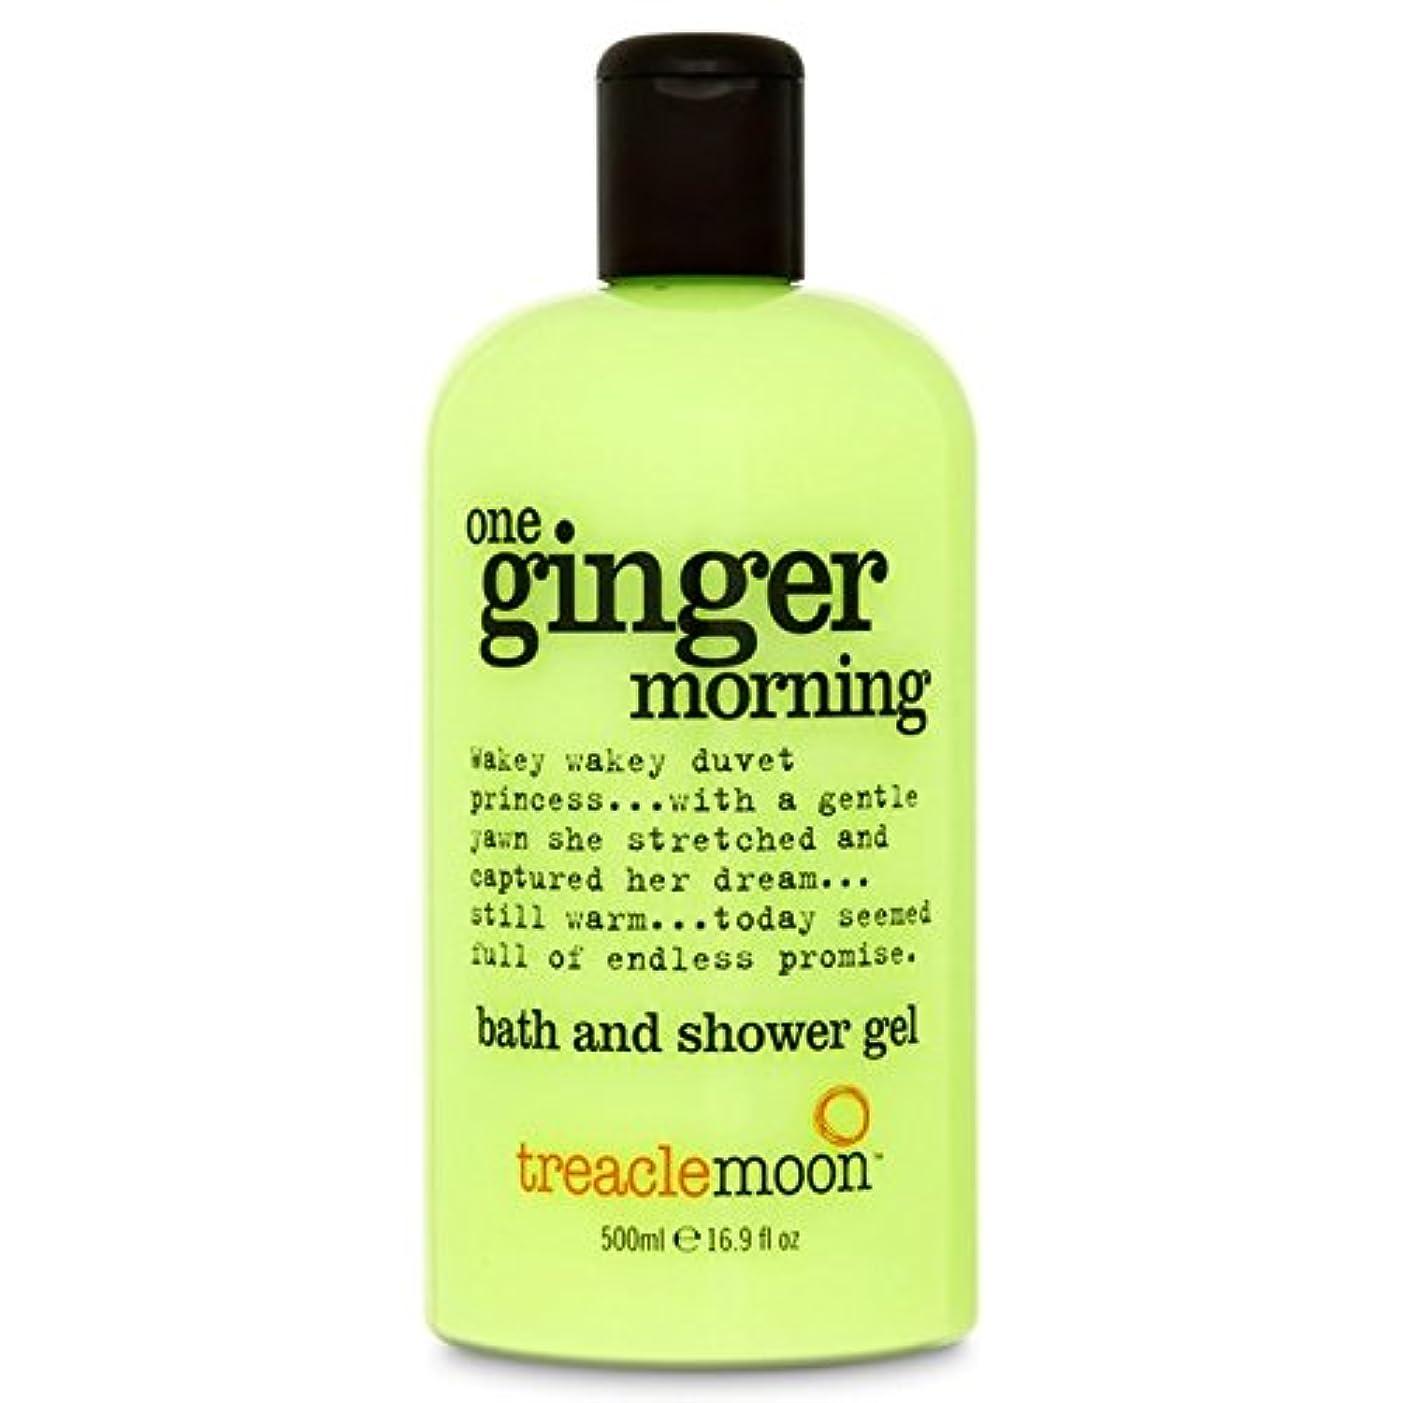 用語集セント夕食を食べるTreacle Moon Ginger Bath & Shower Gel 500ml - 糖蜜ムーンジンジャーバス&シャワージェル500ミリリットル [並行輸入品]